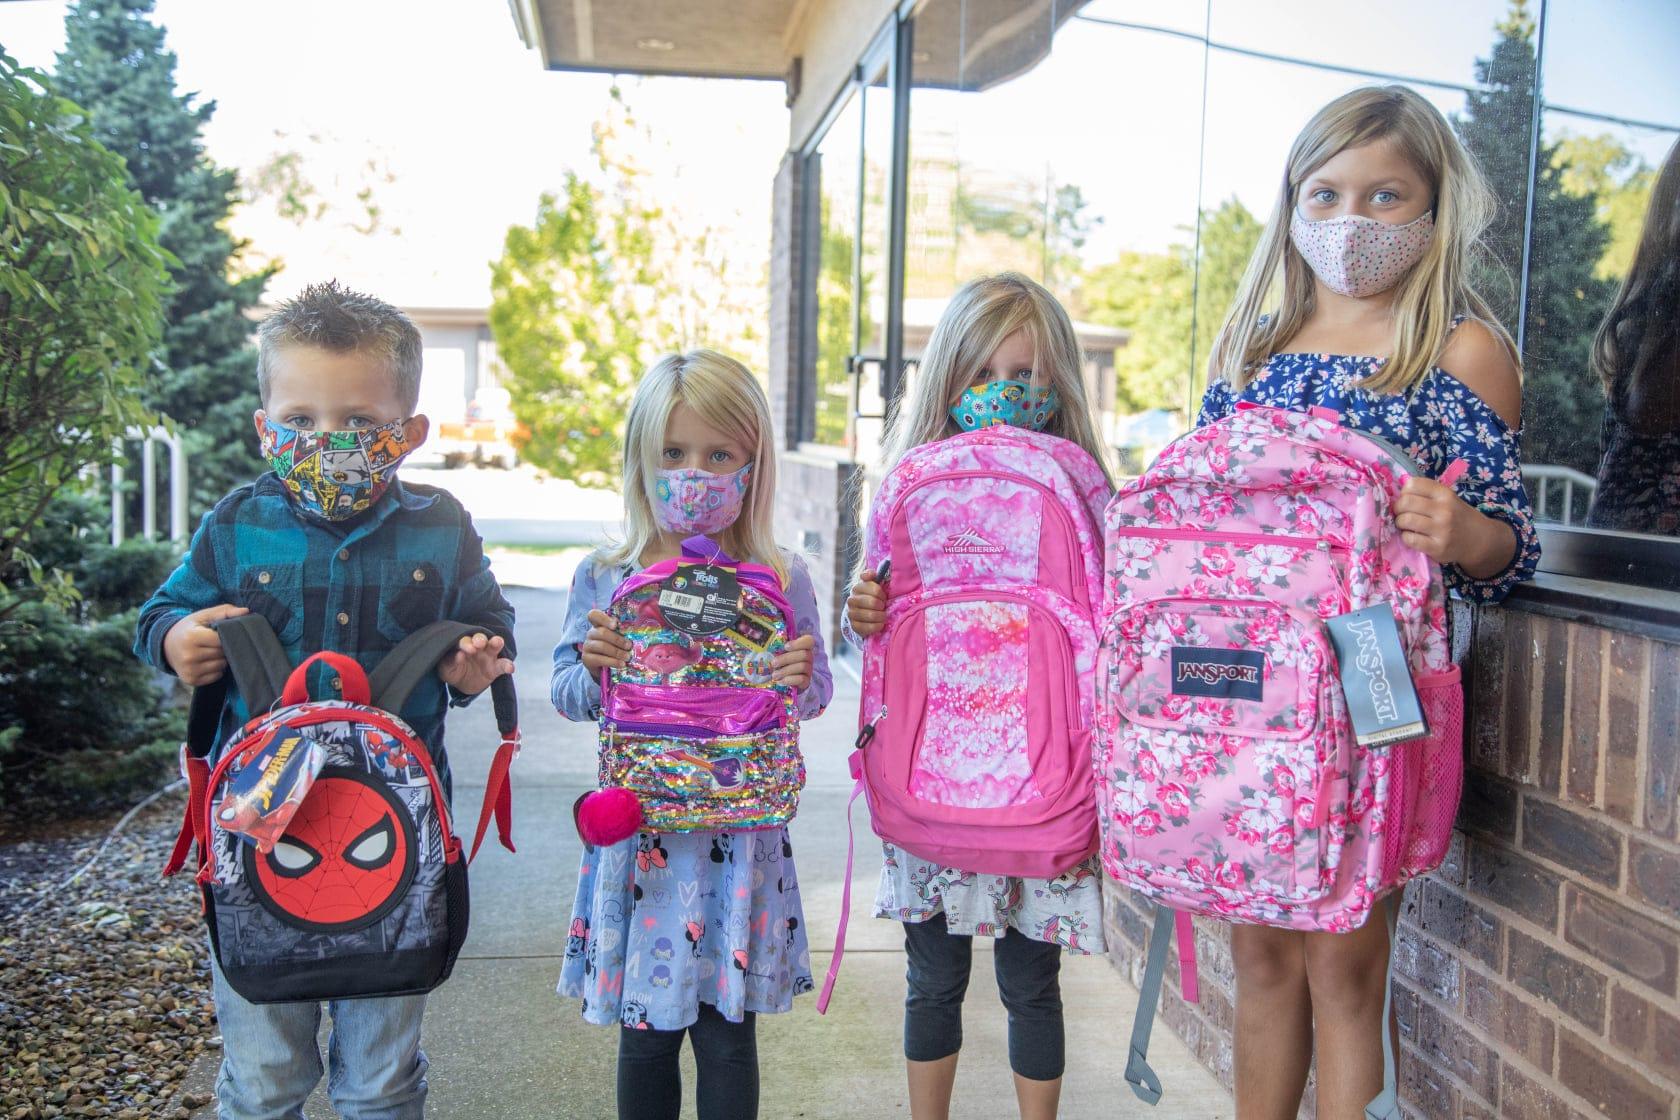 Backpack day children holding backpacks